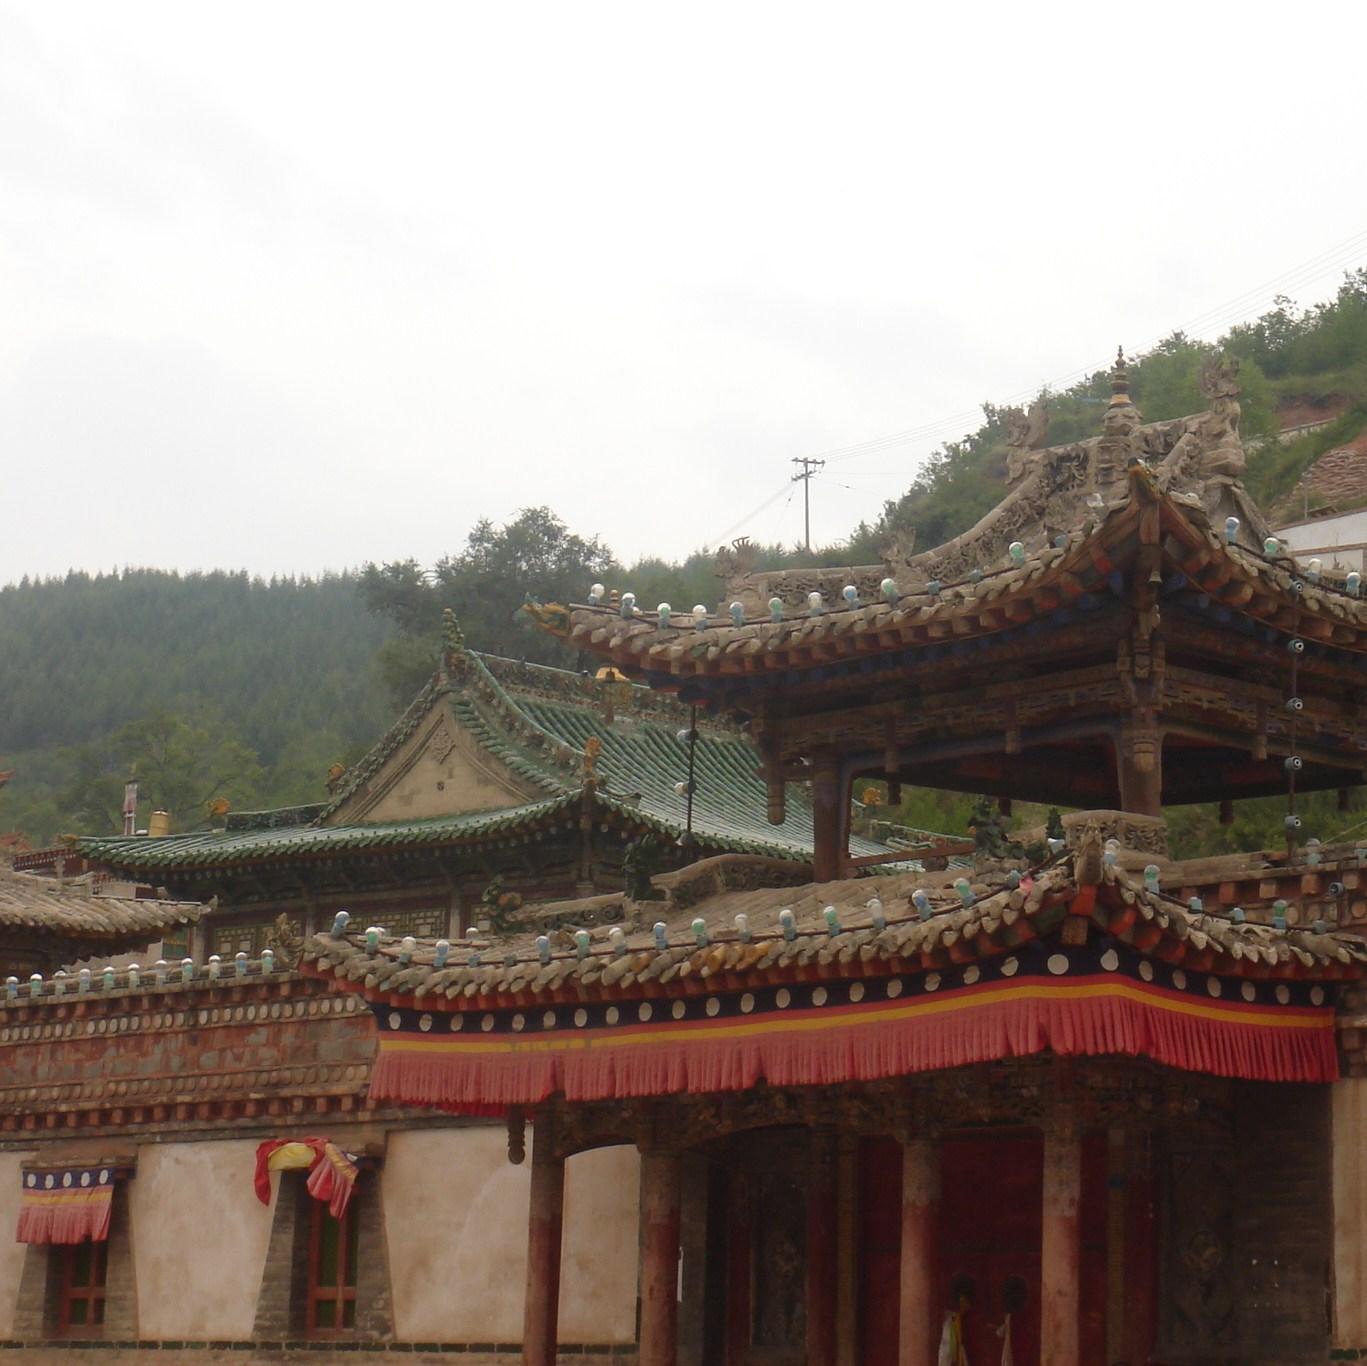 游览过布达拉宫和西藏的纳木错、羊湖之后,对塔尔寺和青海湖本来没有了太多的奢望。但是,去过才知不虚此行!塔尔寺虽然不如布达拉宫壮观、雄伟,但其细节处的装饰精致美丽,极具艺术独创性。每一间院落的门楼,每一座庙宇的楼顶,都凝聚着能工巧匠的艺术造诣。如果有更多的时间,我一定会细细品味。这次时间不多,匆匆拍了几张照片就离开了! 看过很多游记知道应该7月去青海湖看油菜花,我的假期时间已经是8月20日了,到了青海湖竟然还能看到一片盛开的油菜花!听司机说这一片的品种不同,花期比较晚,我也因此大饱眼福,真是喜出望外!